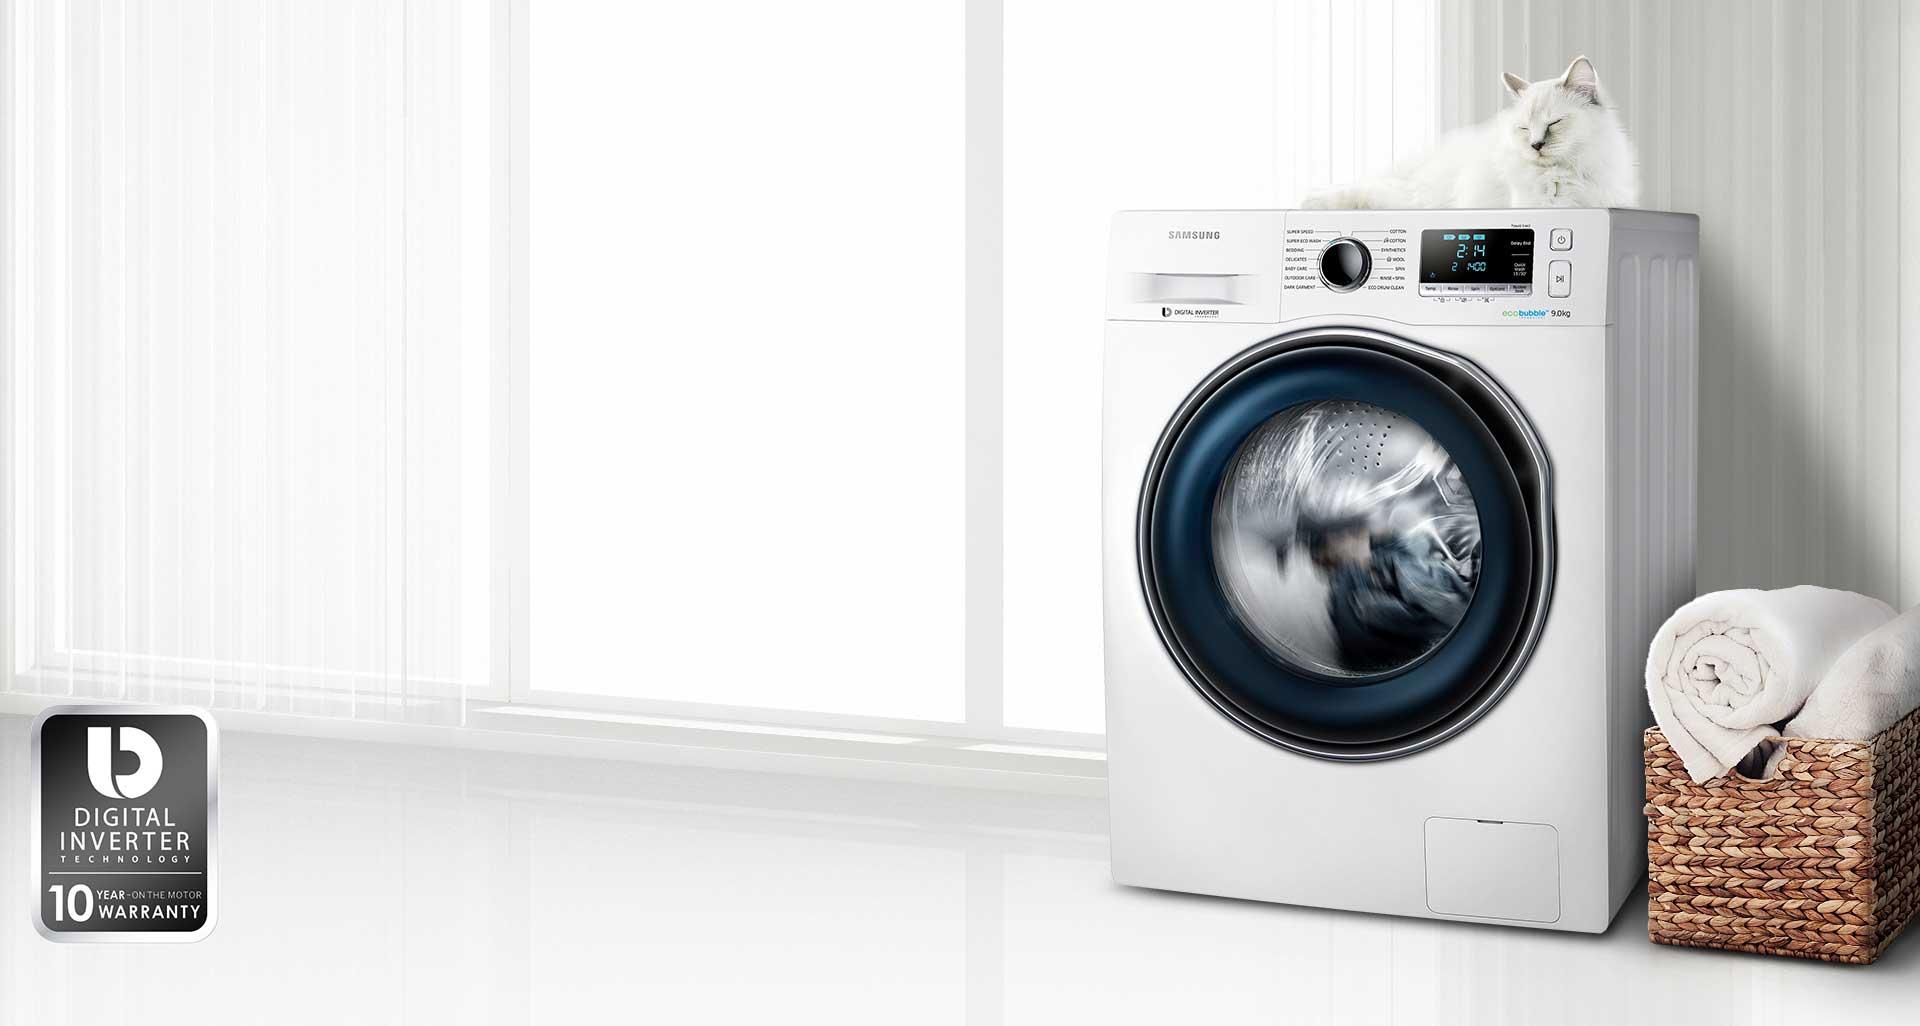 ماشین لباسشویی سامسونگ 9 کیلویی P1490 تسمه ای سفید